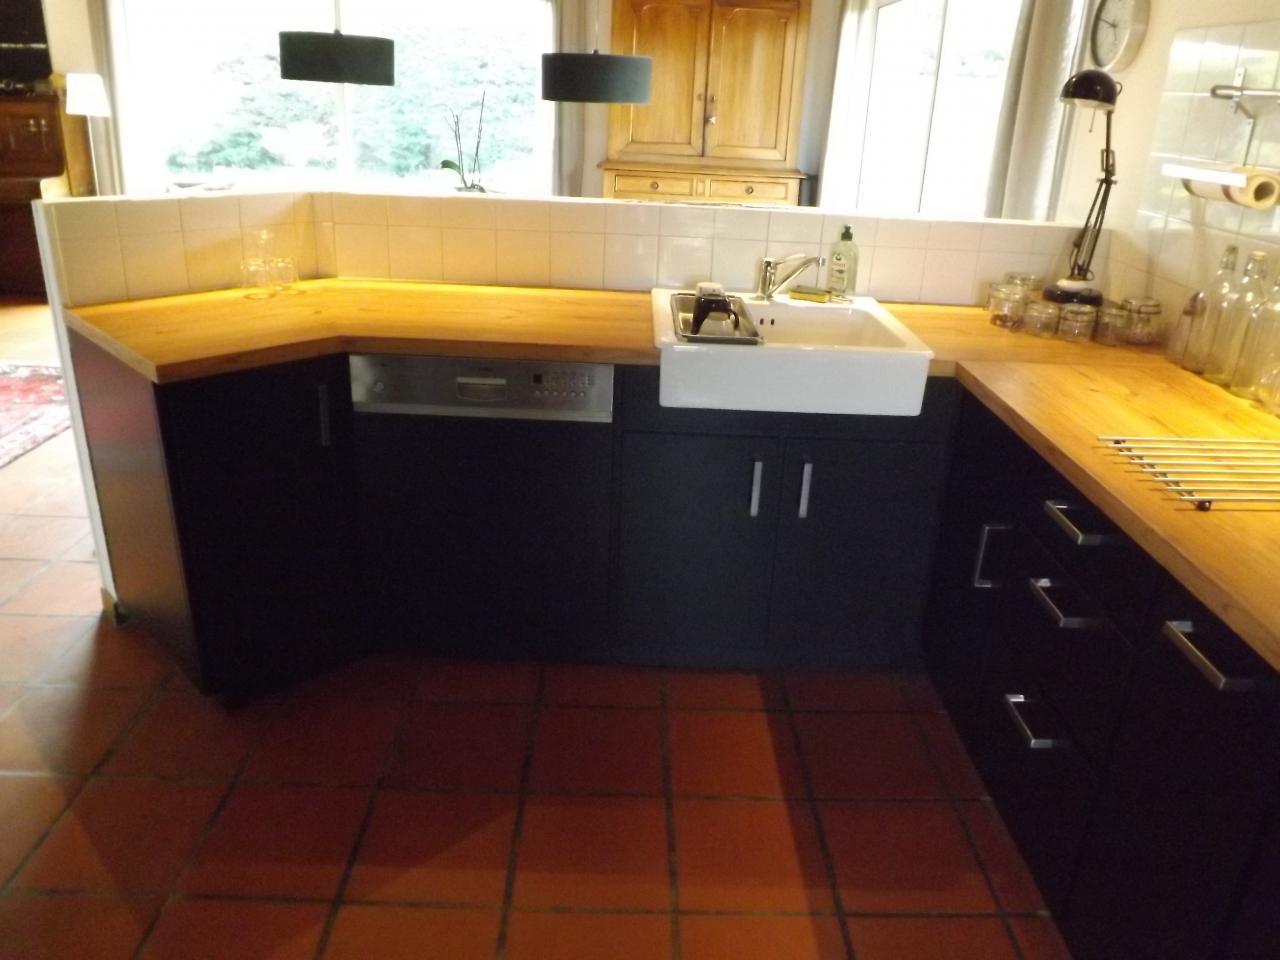 Fabrication d'une cuisine à cadre avec façades en médium laqué Absolu Bois